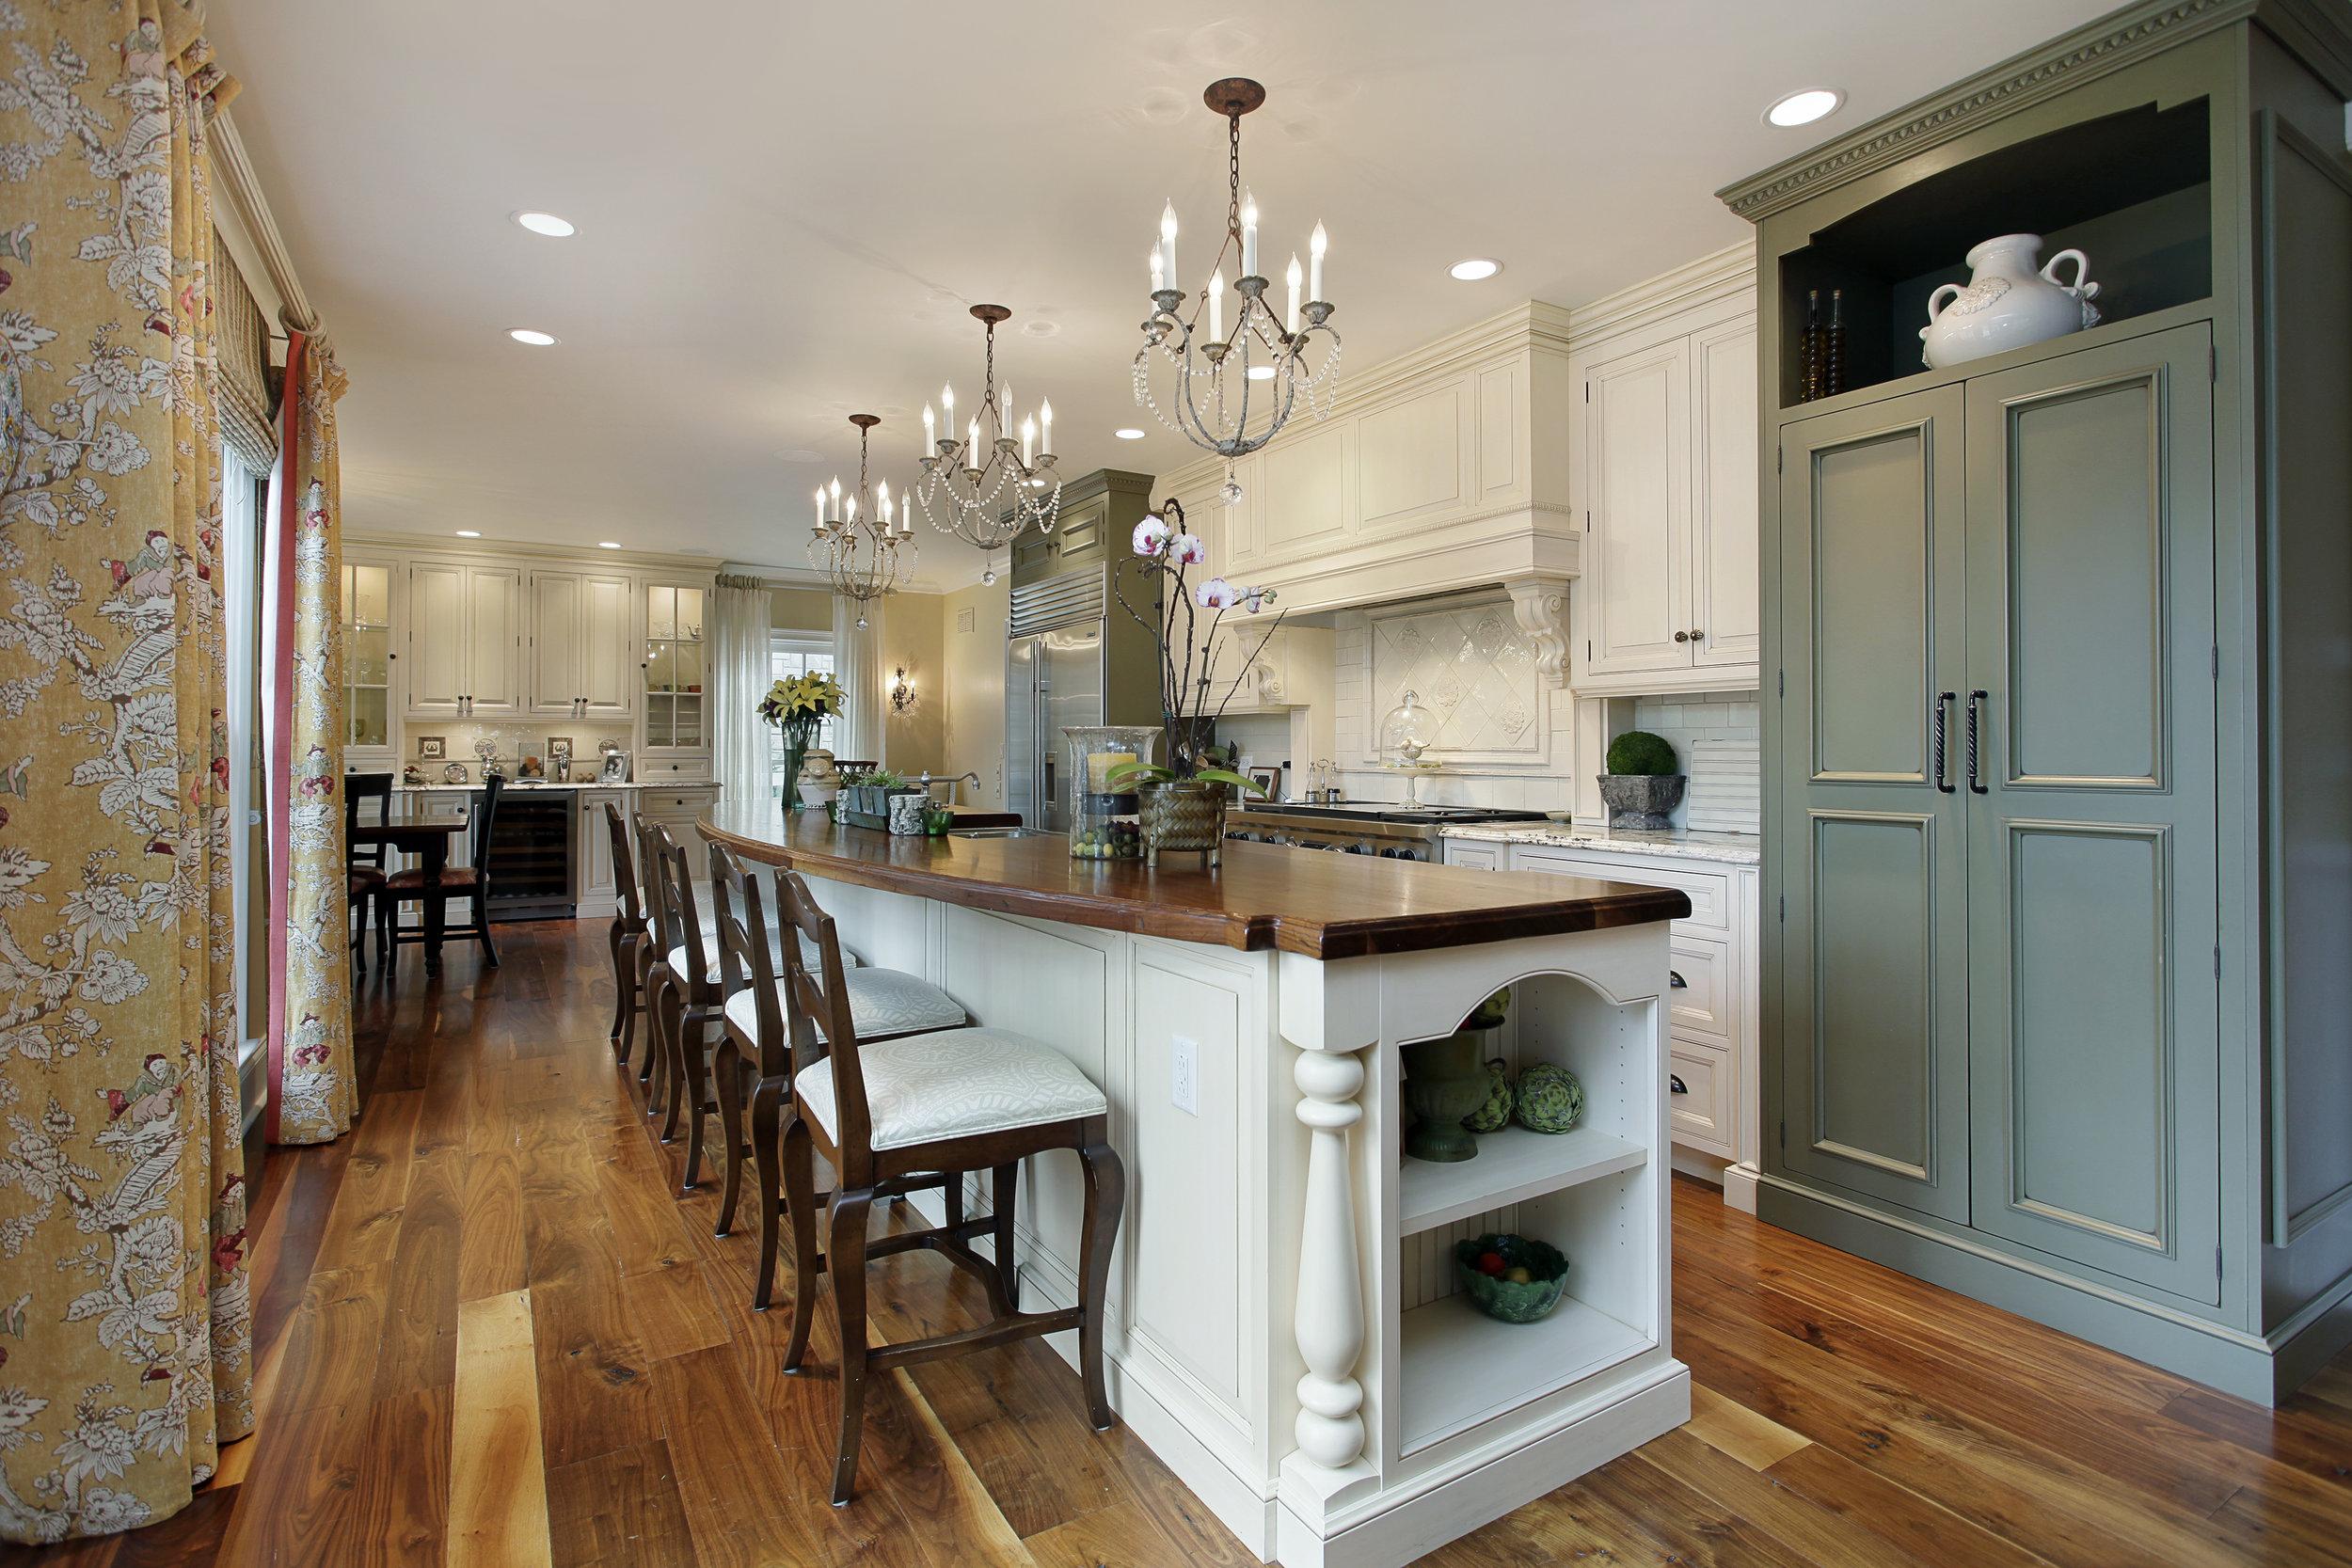 luxury kitchen.jpg